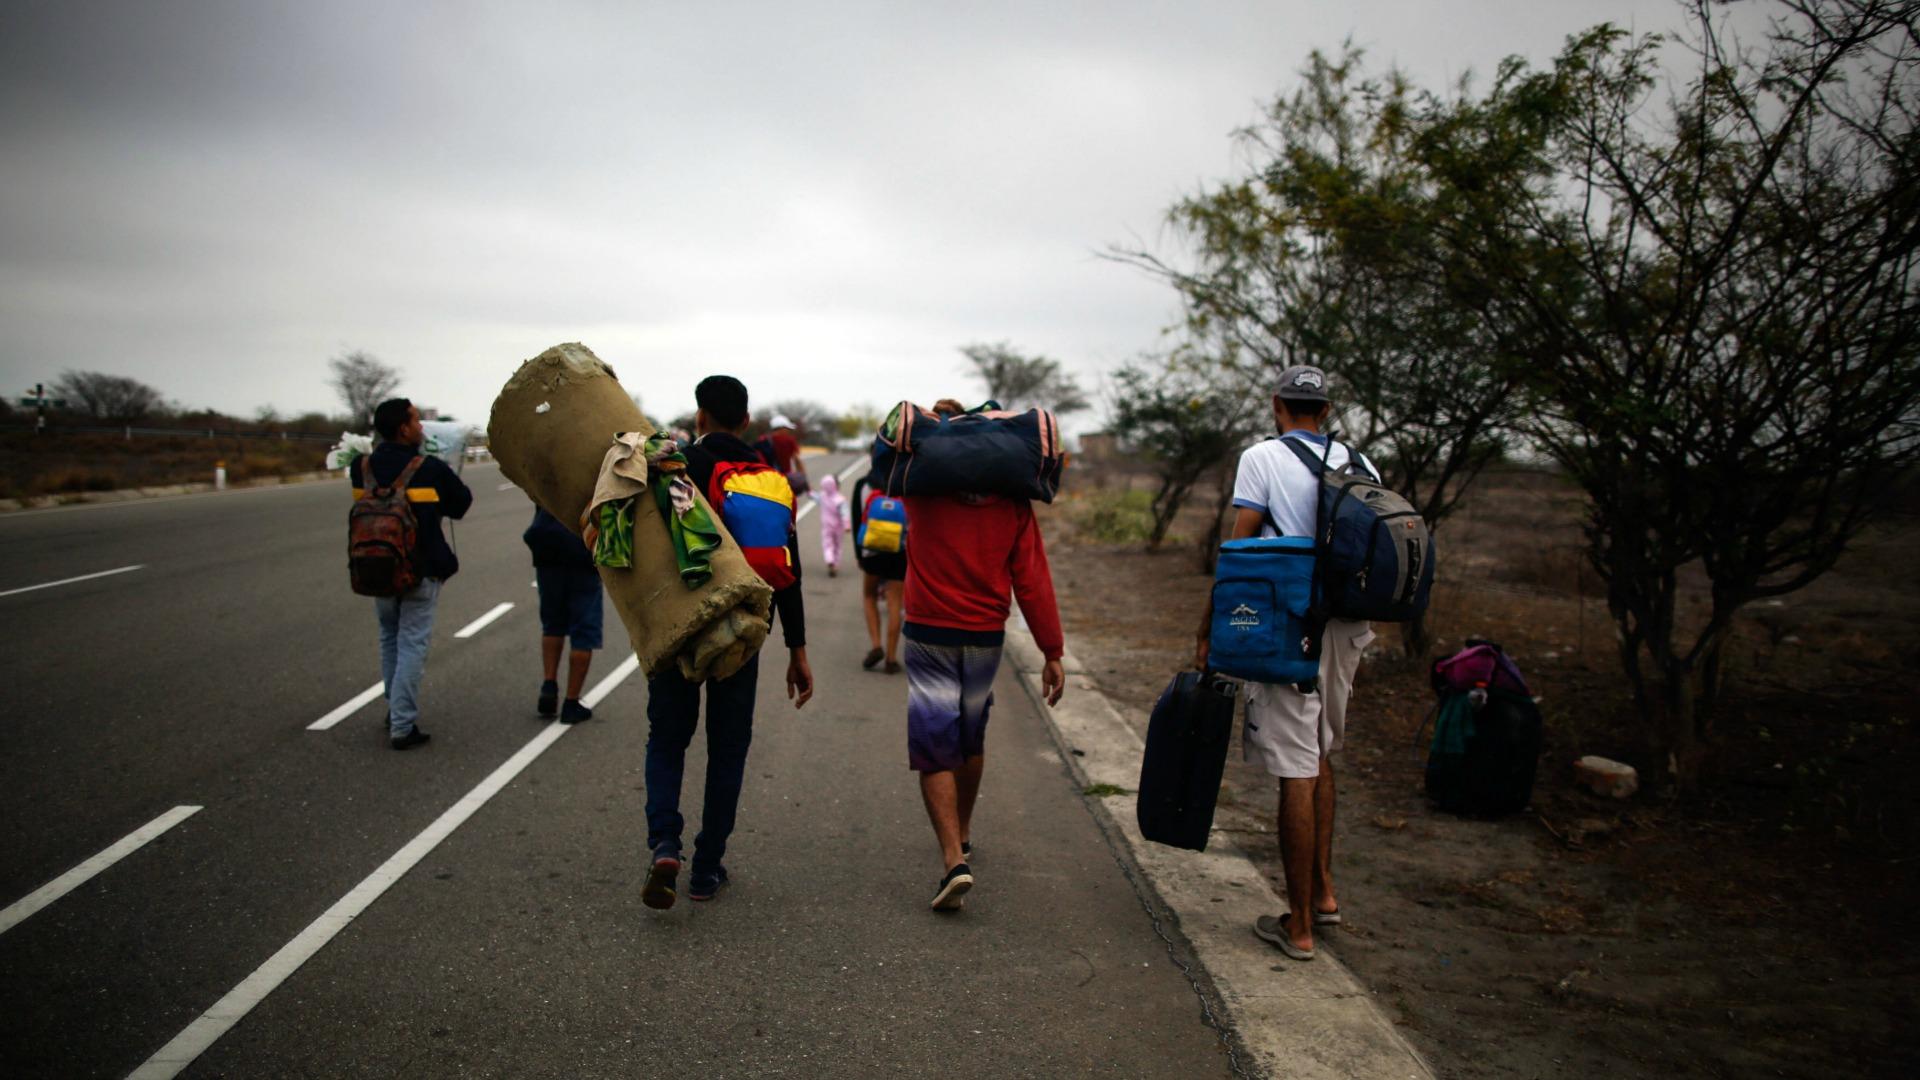 Instituto Brookings: Crisis de refugiados venezolanos se convertirá en la más grande de la historia moderna